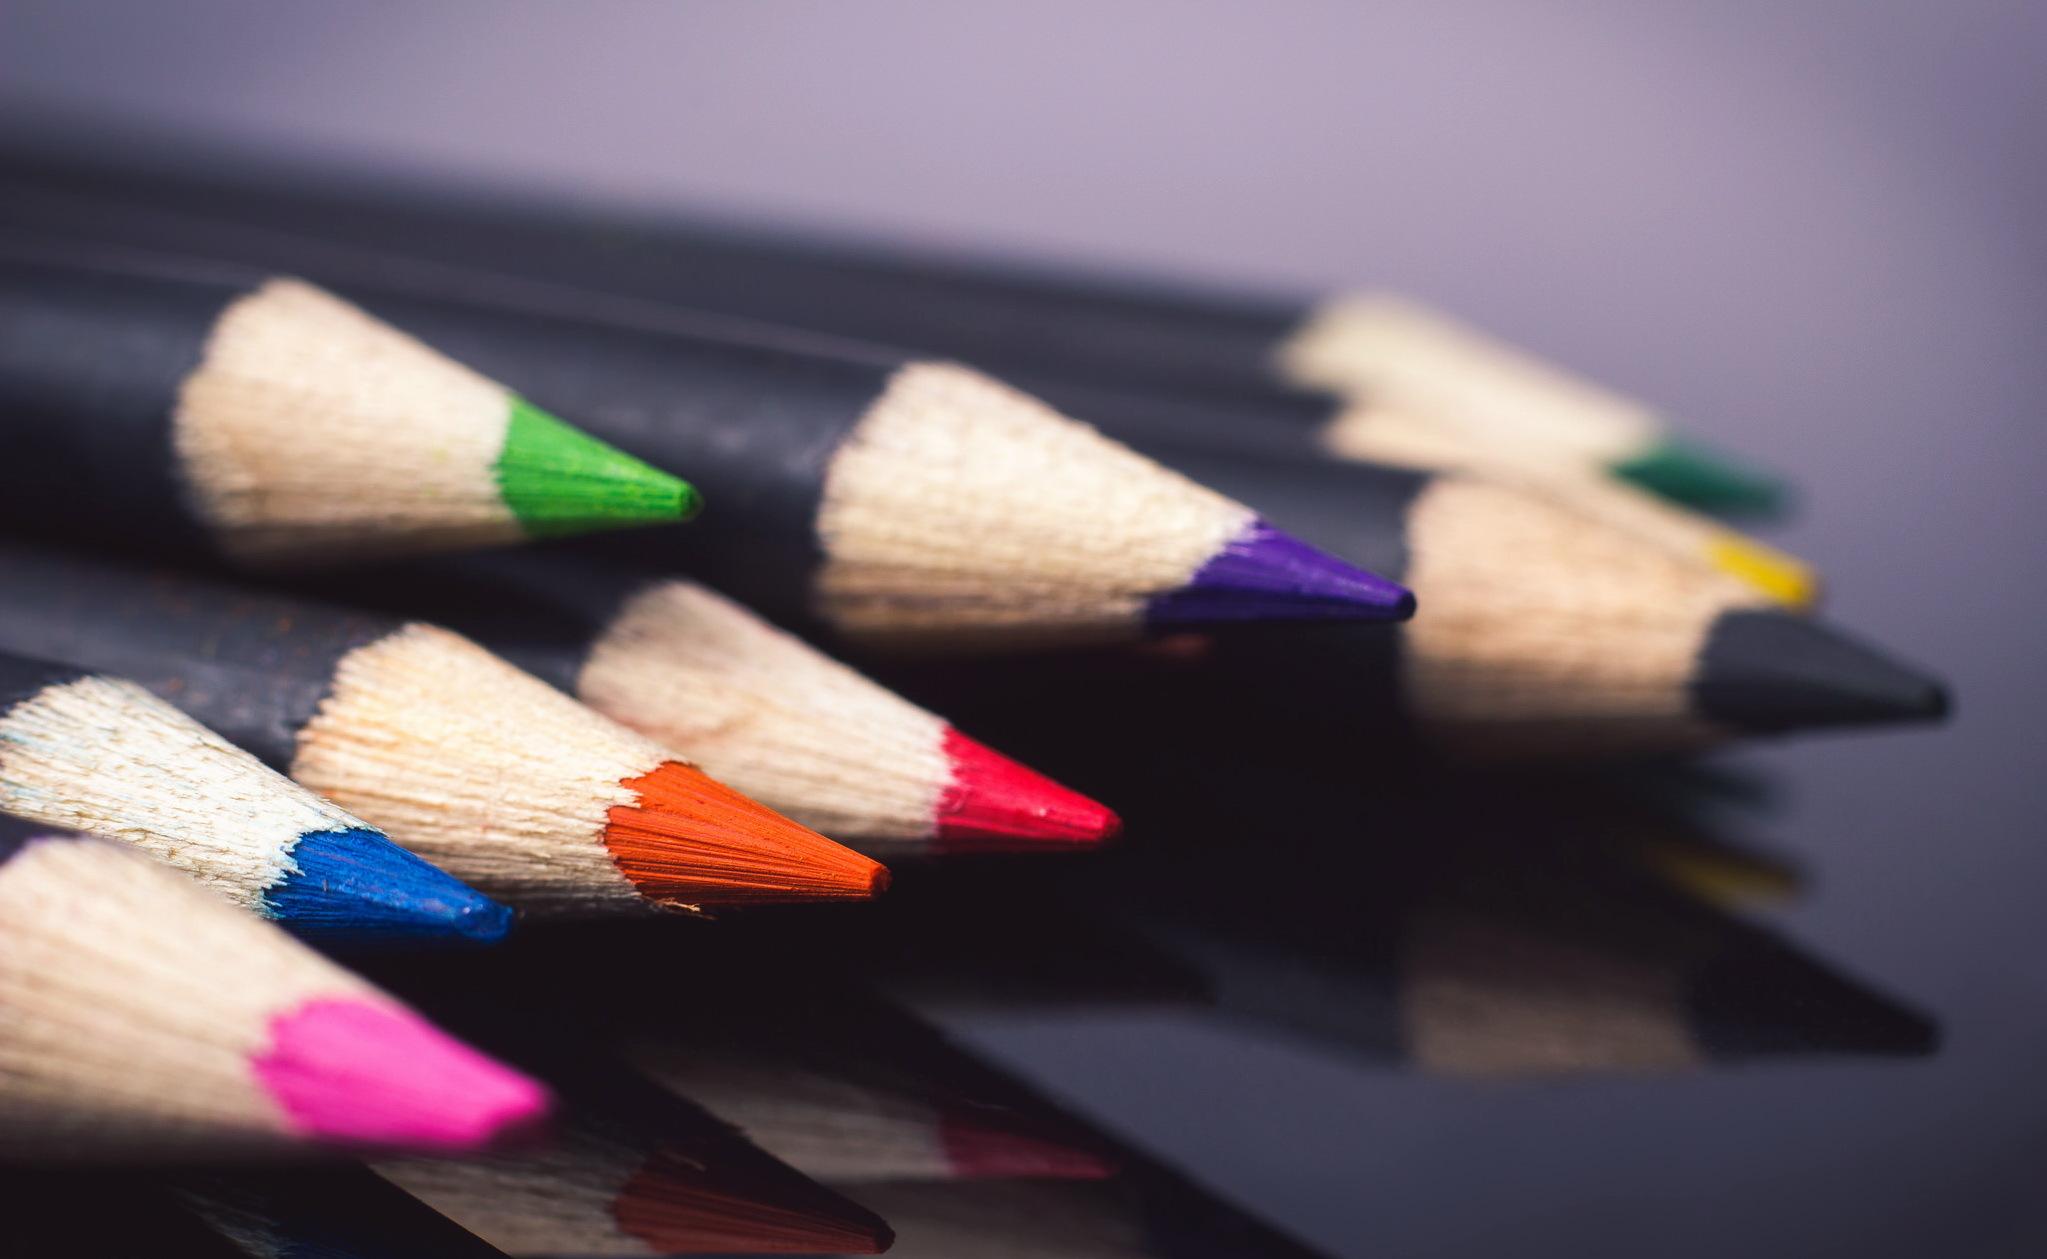 картинки с карандашами высокого разрешения патиссона бывает зеленым